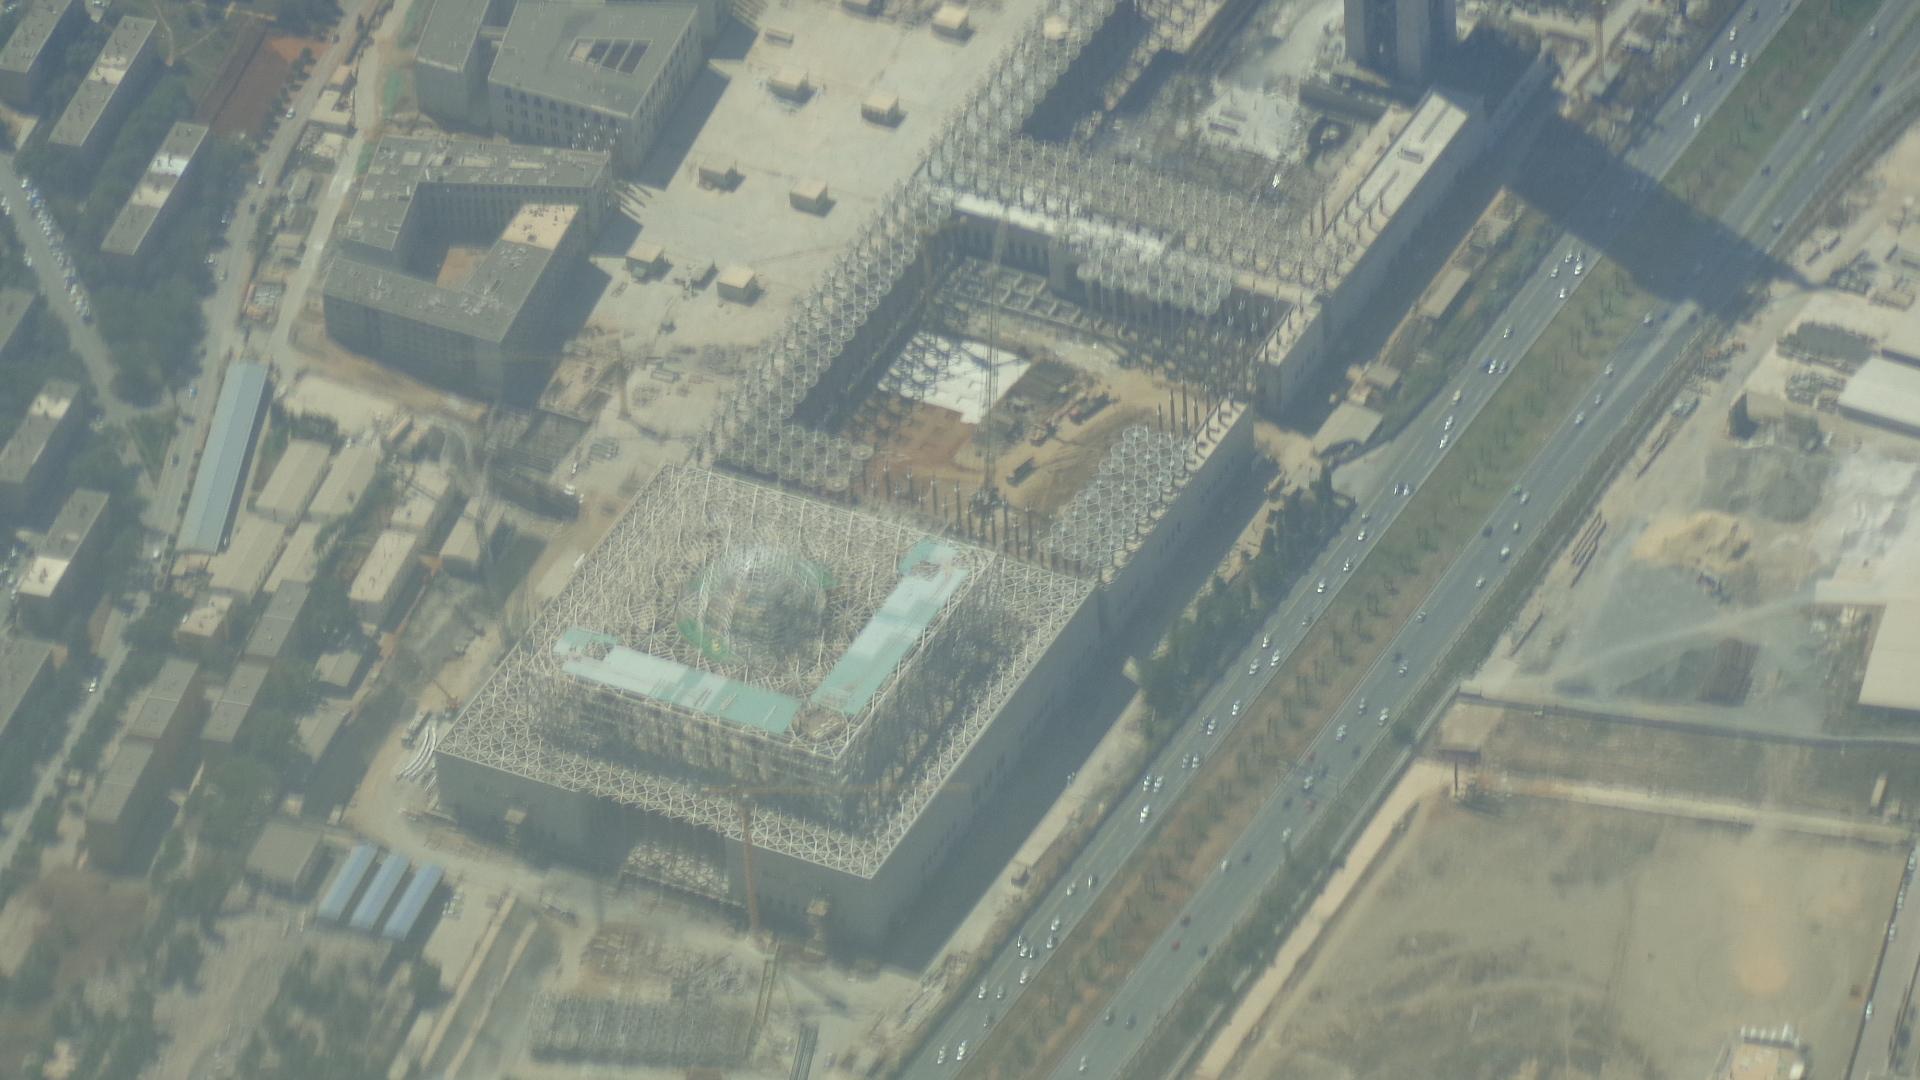 مشروع جامع الجزائر الأعظم: إعطاء إشارة إنطلاق أشغال الإنجاز - صفحة 16 160903094515298223